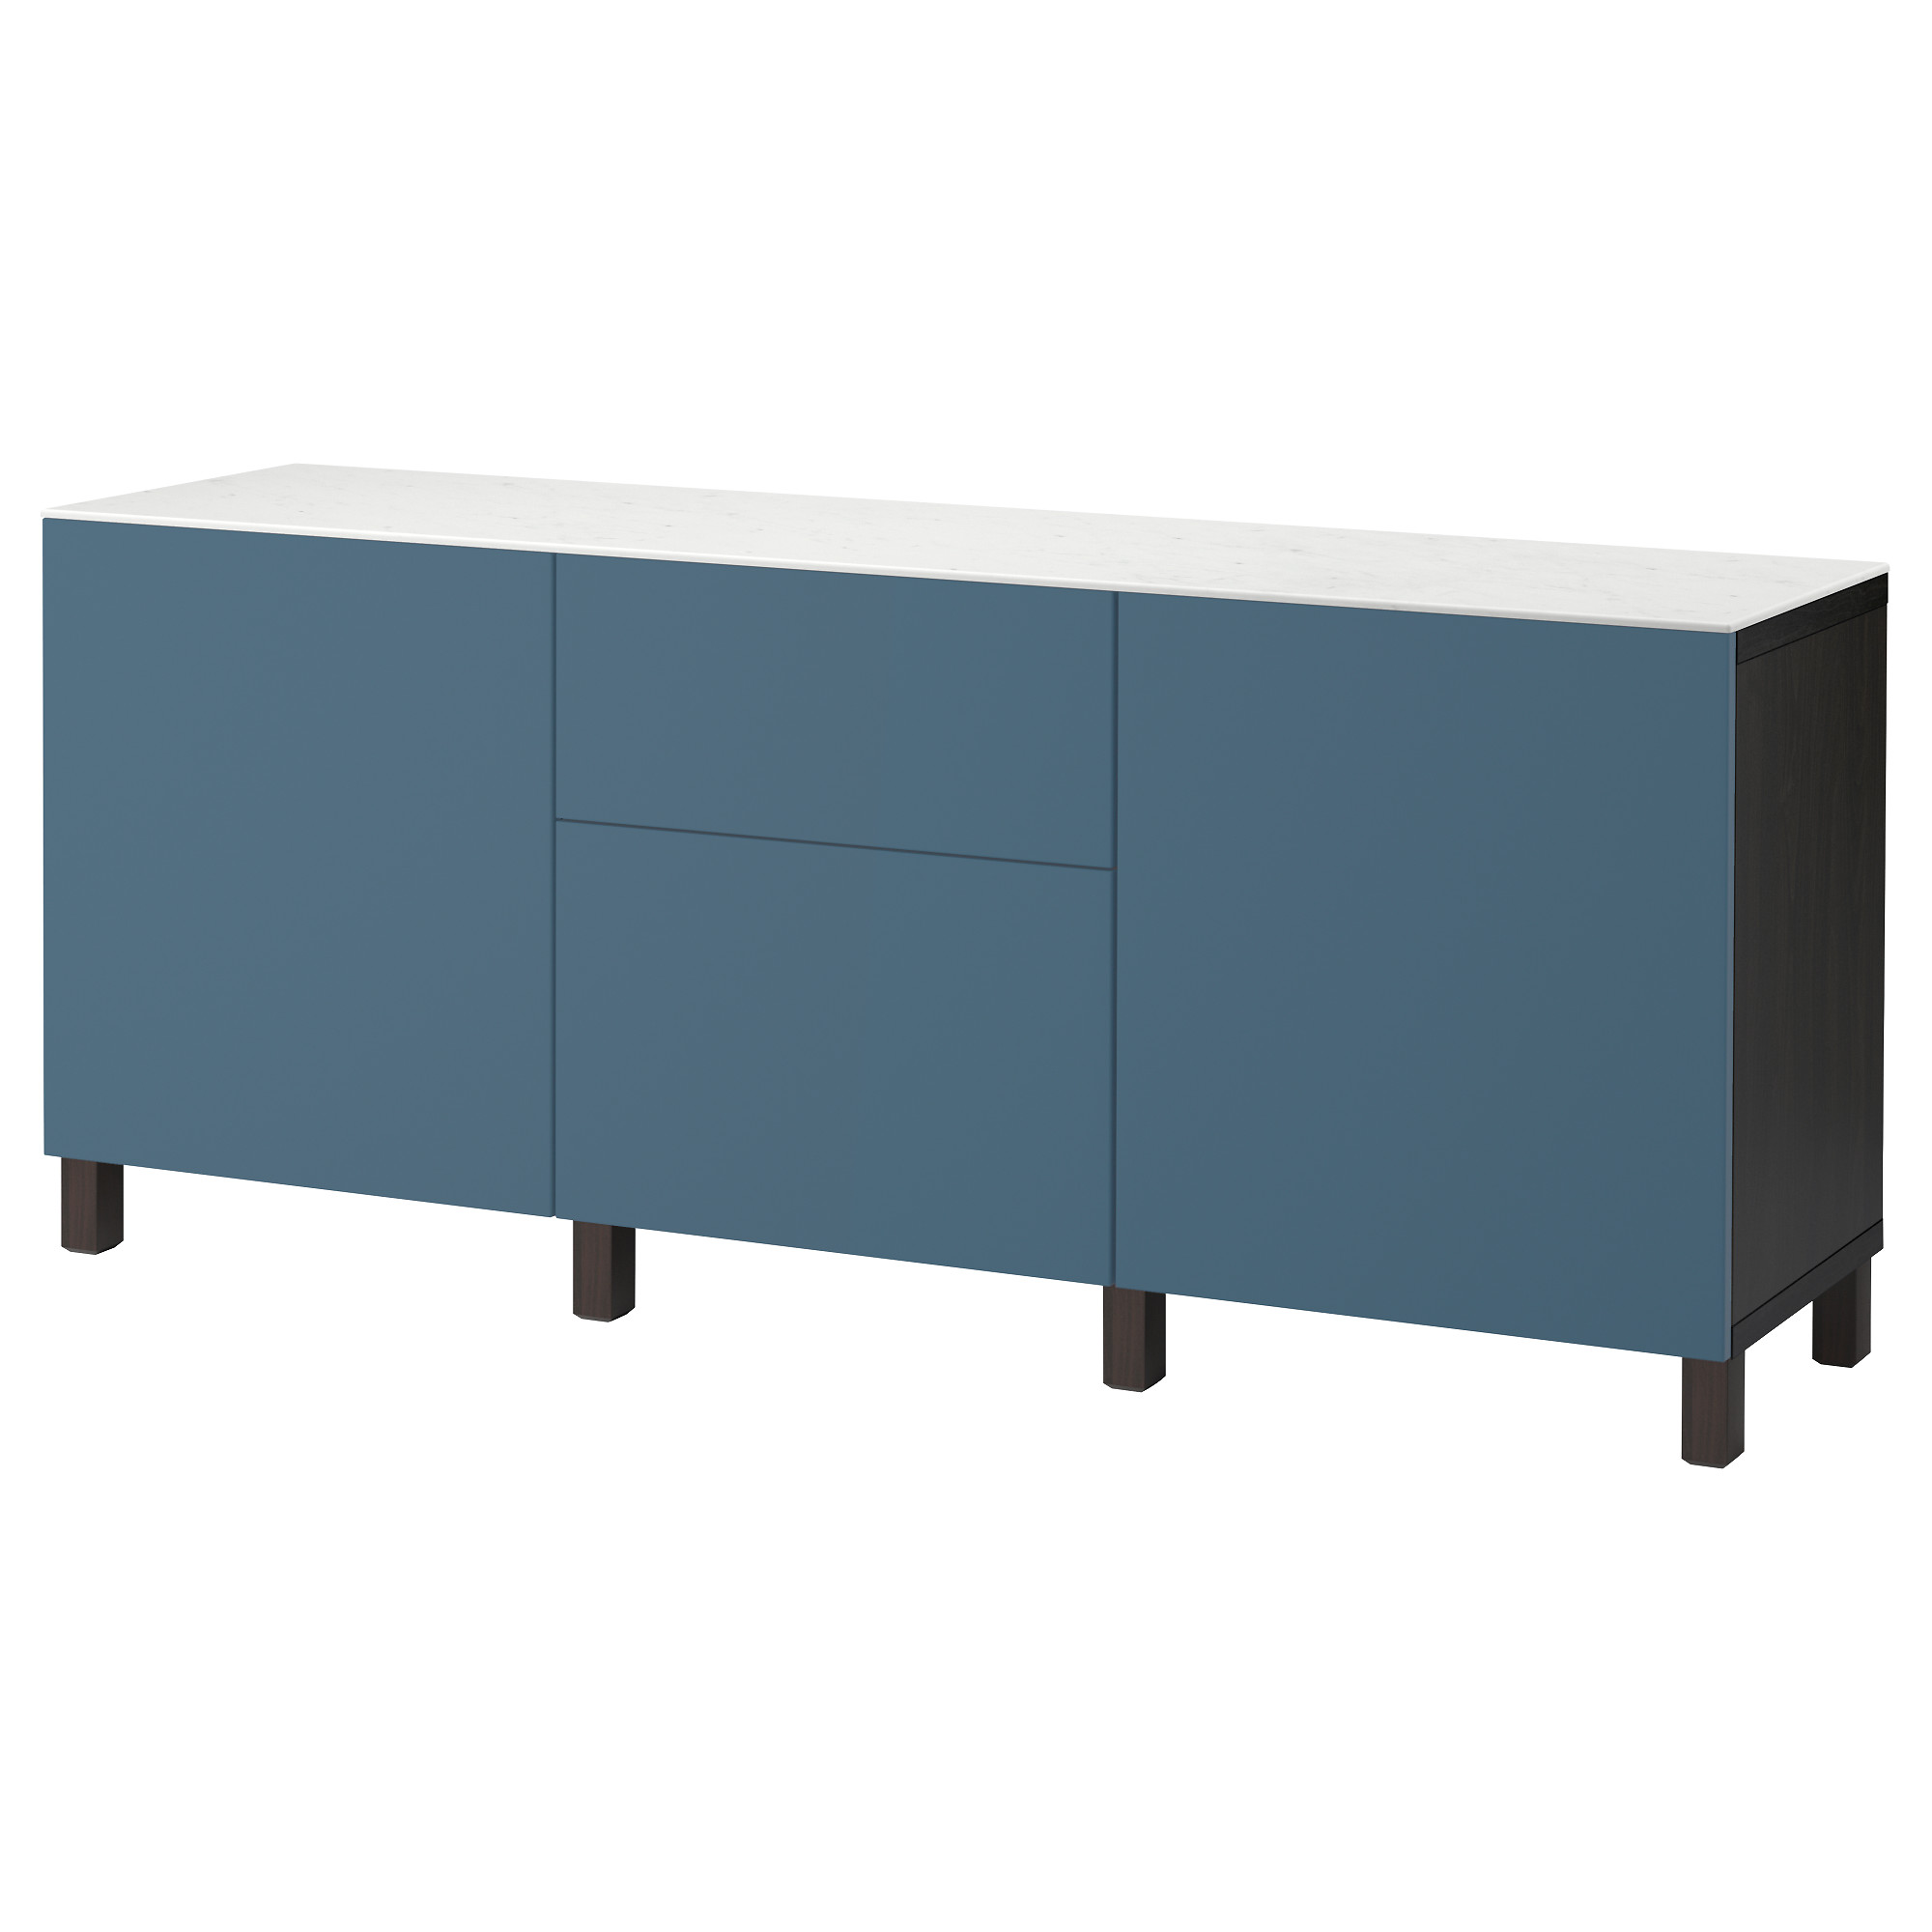 Комбинация для хранения с дверцами, ящиками БЕСТО темно-синий артикуль № 692.447.55 в наличии. Онлайн каталог IKEA РБ. Недорогая доставка и монтаж.